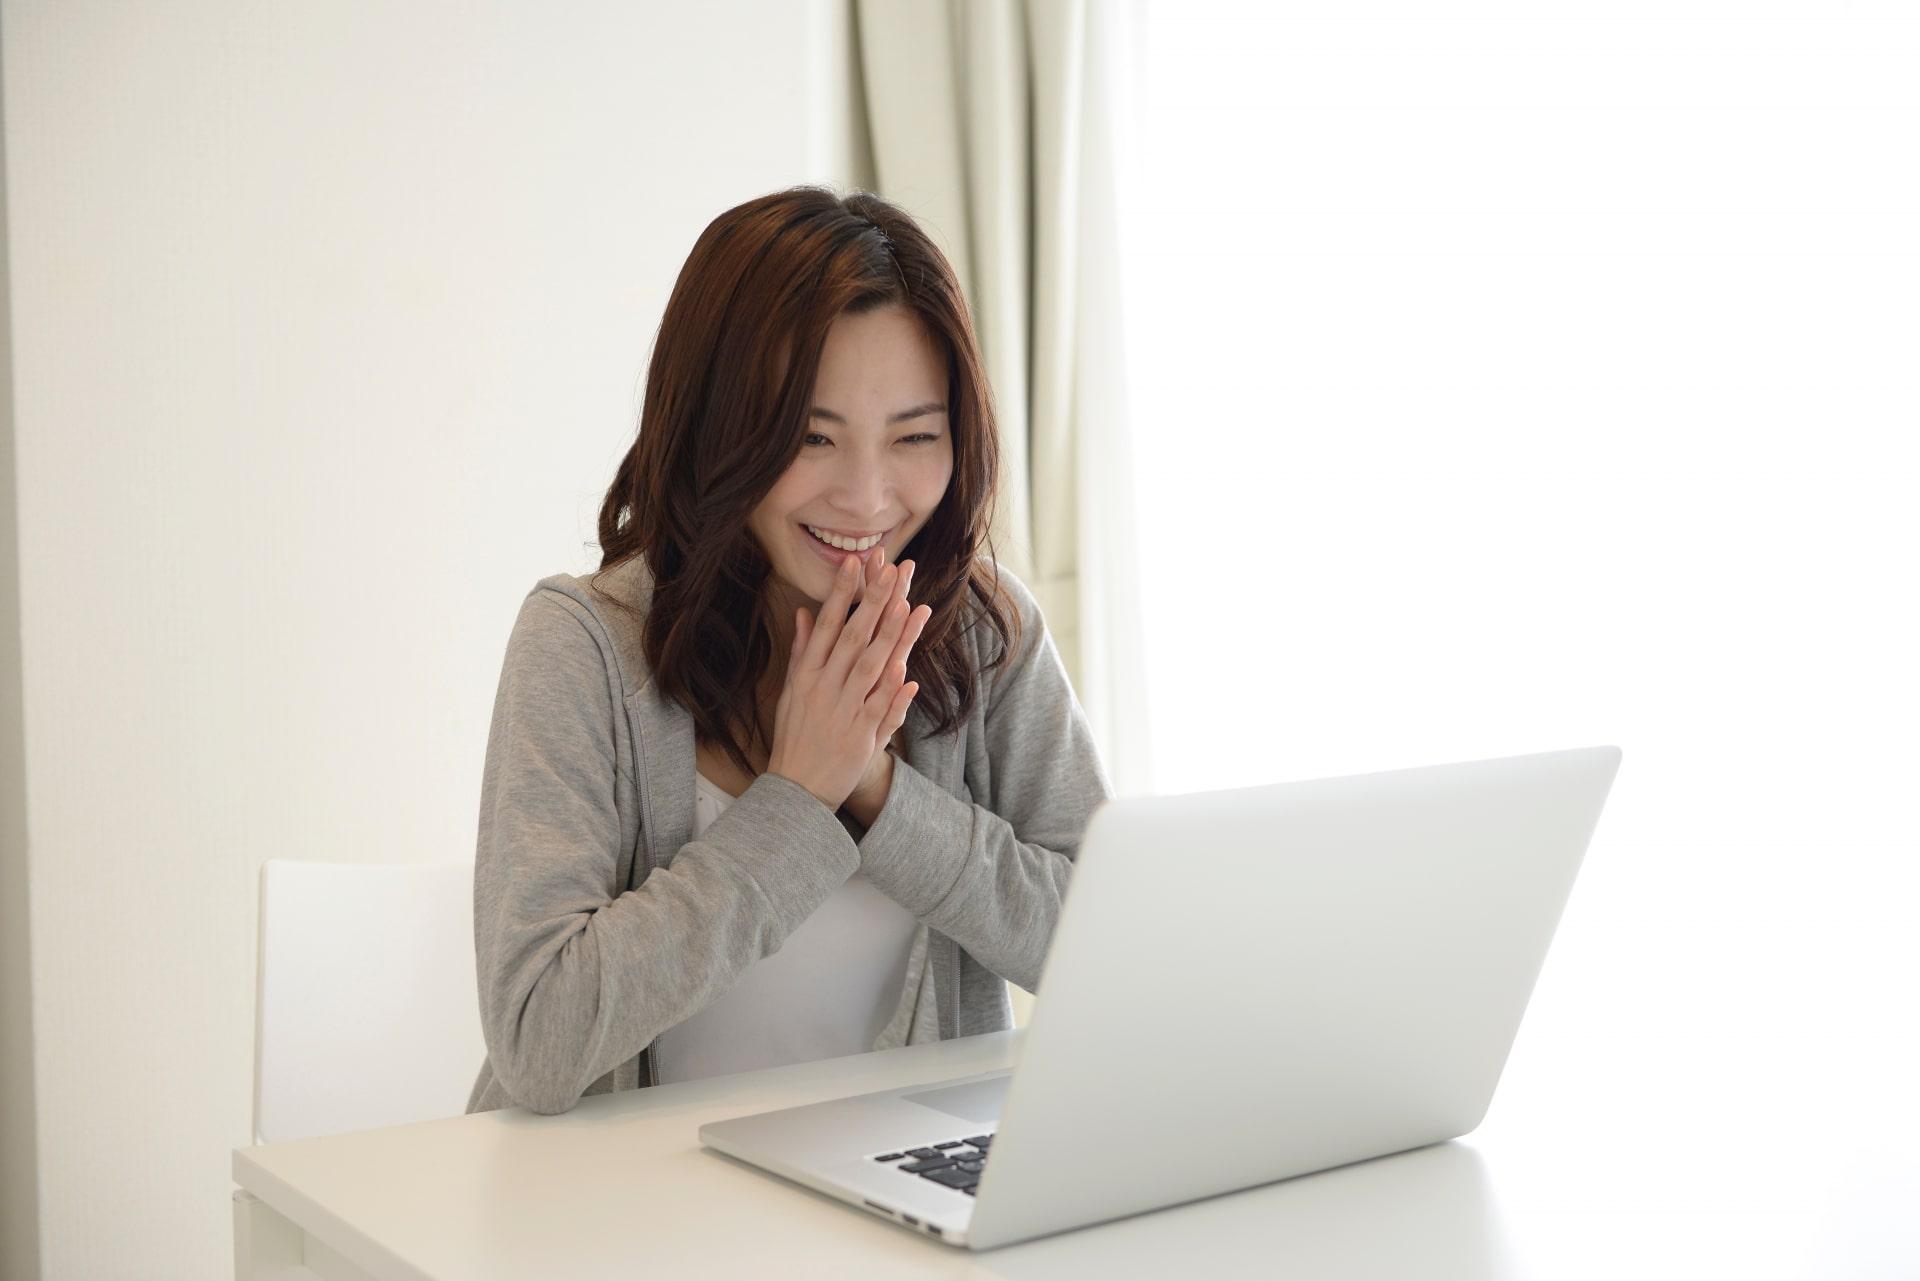 ネットオークションの副業で効率よく稼ぐ!